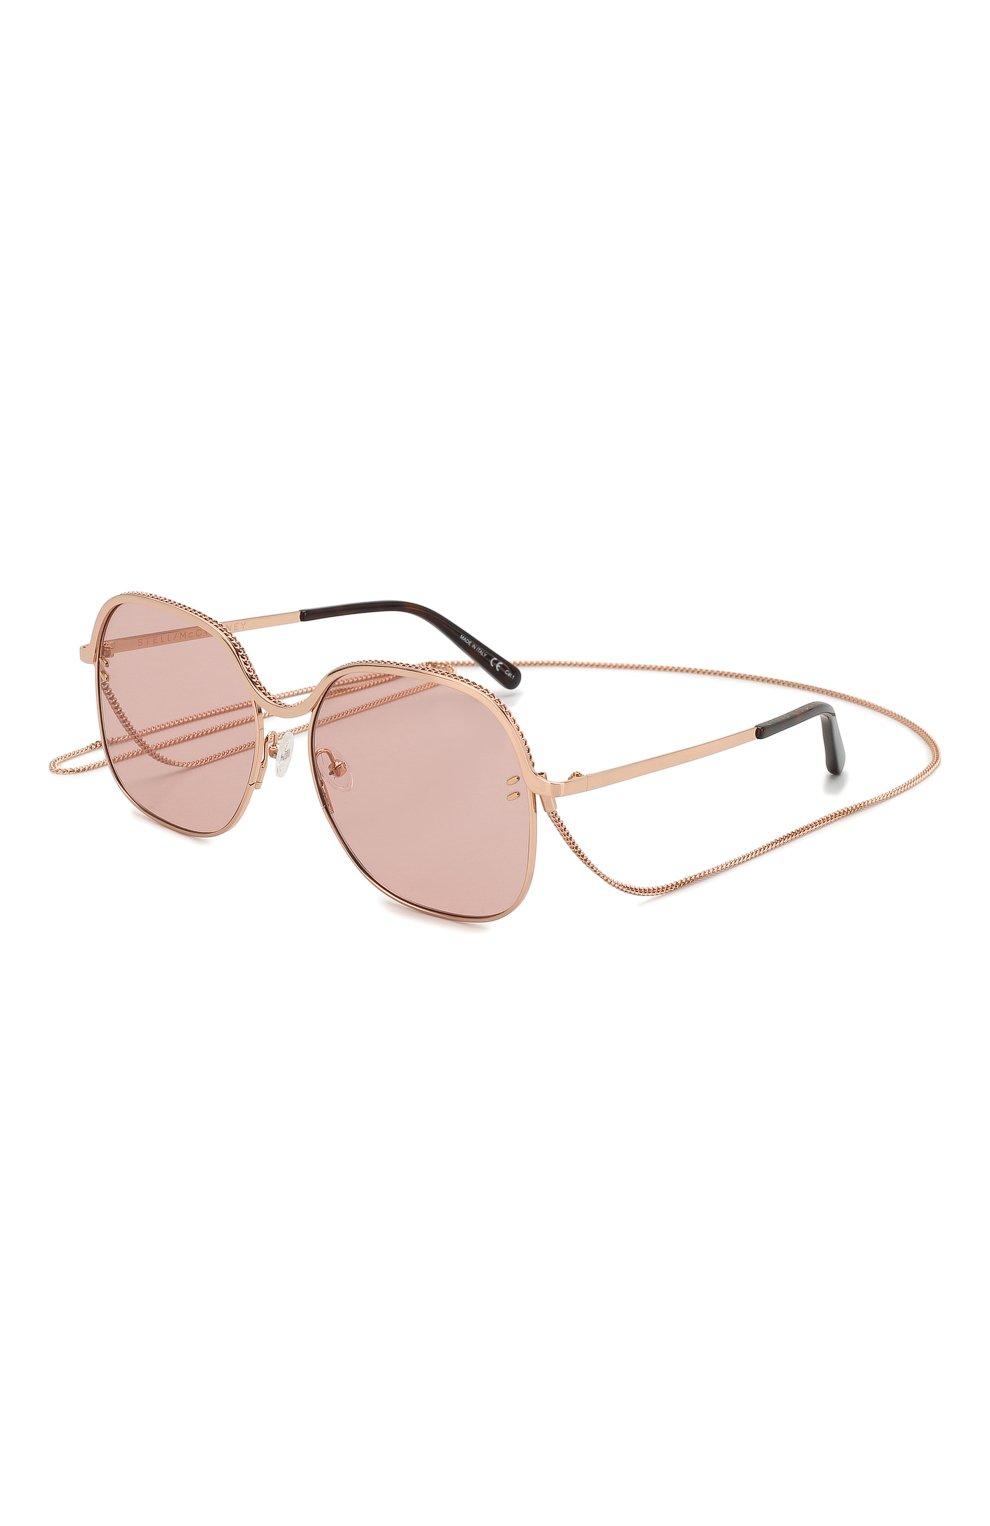 Женские солнцезащитные очки STELLA MCCARTNEY розового цвета, арт. SC0166 004 | Фото 5